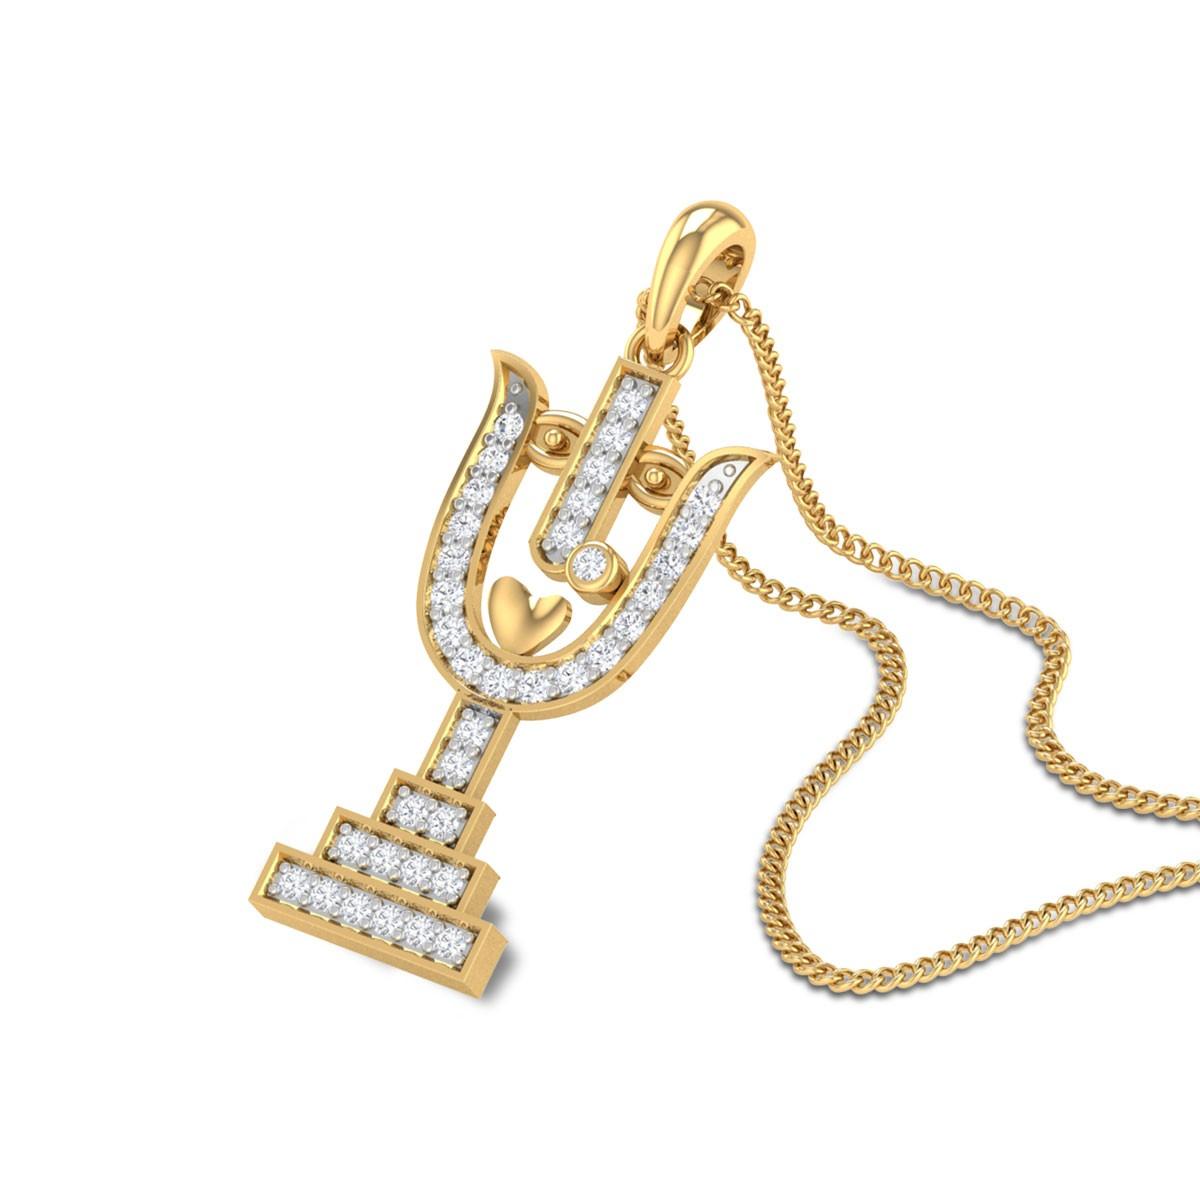 Thrisool Durga Diamond Pendant